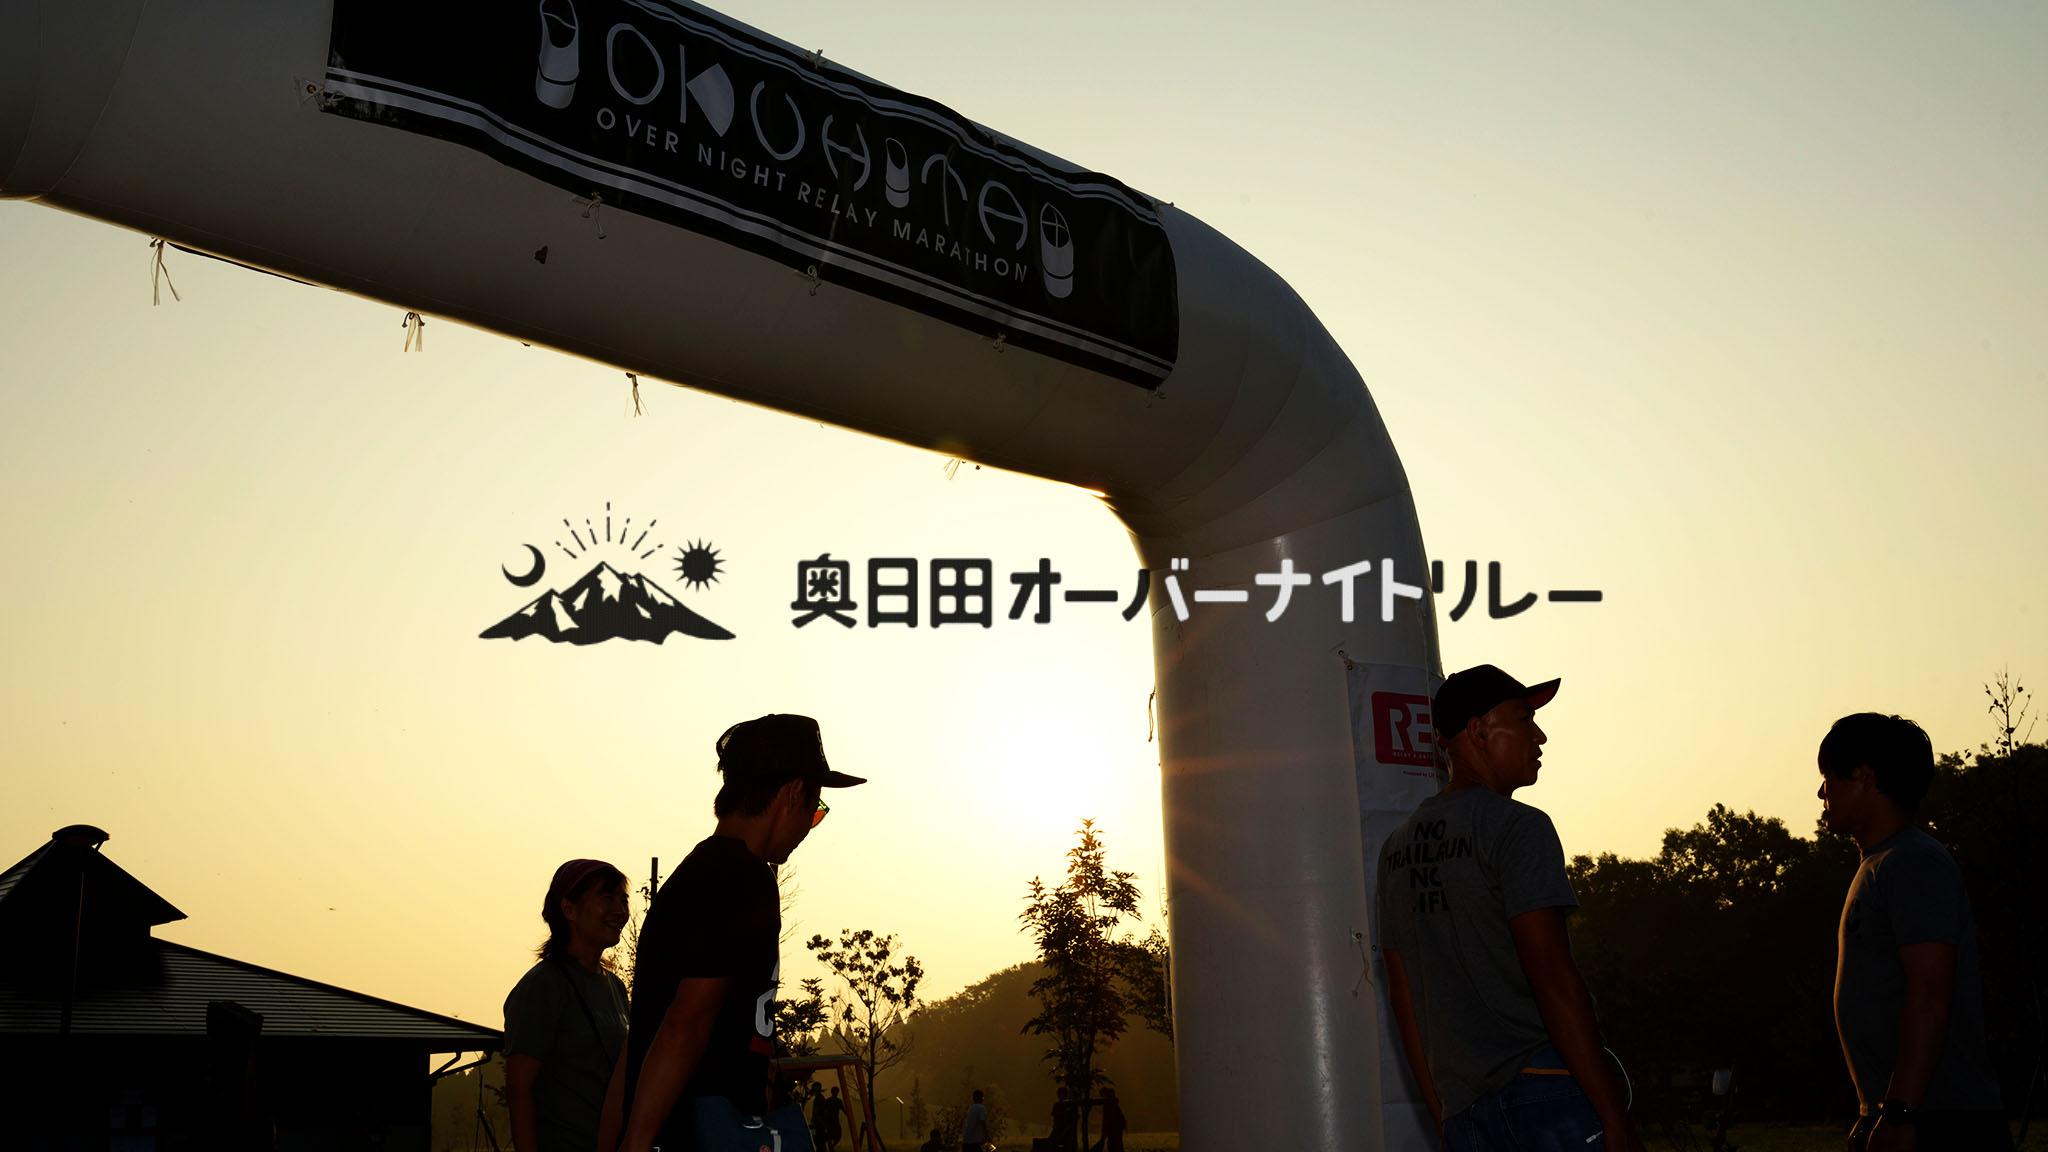 奥日田オーバーナイトリレー2021